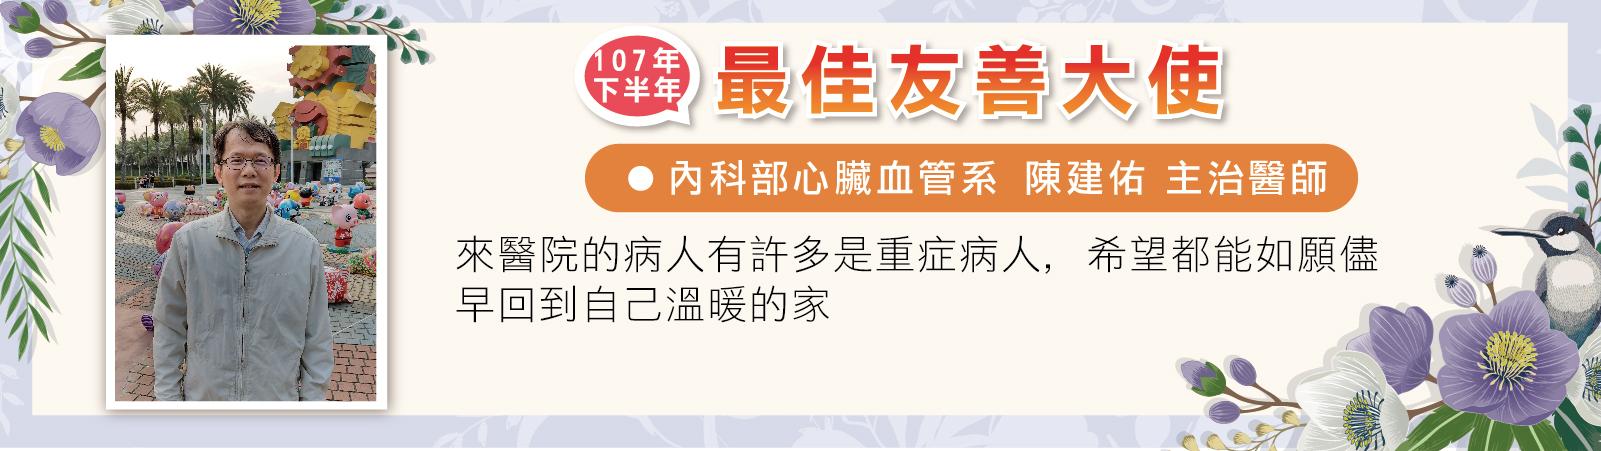 107下最佳友善大使-陳建佑醫師